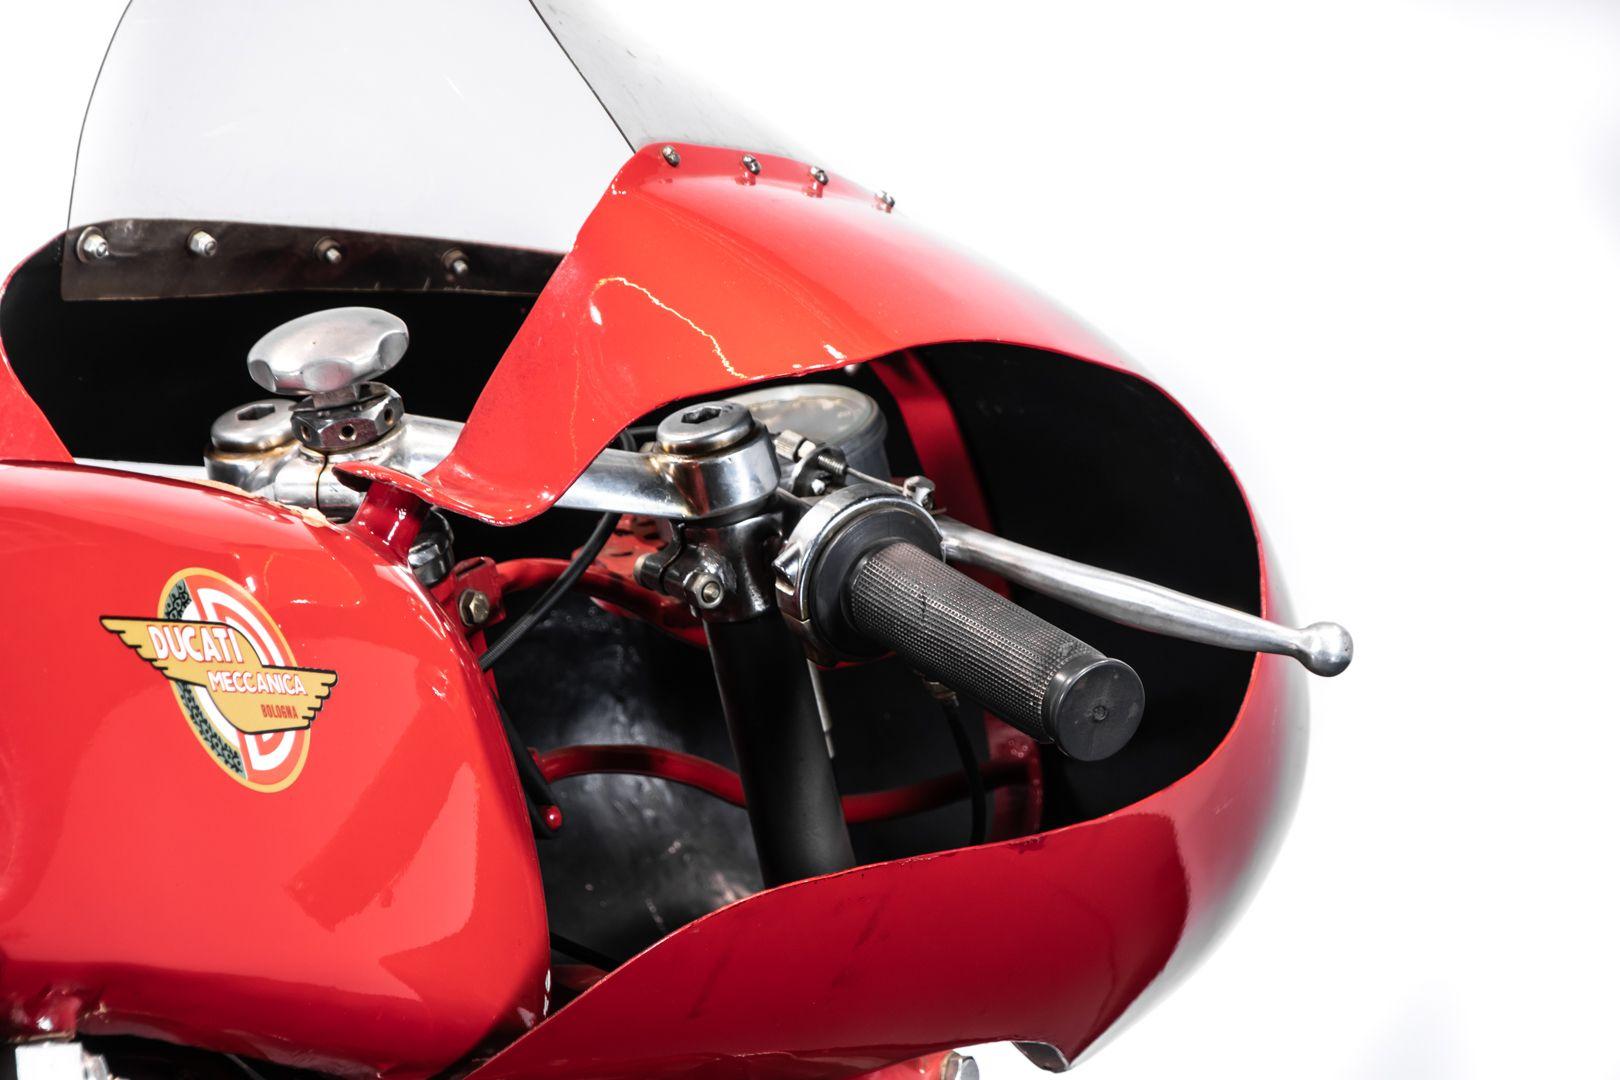 1957 Ducati 125 Bialbero Corsa 77167